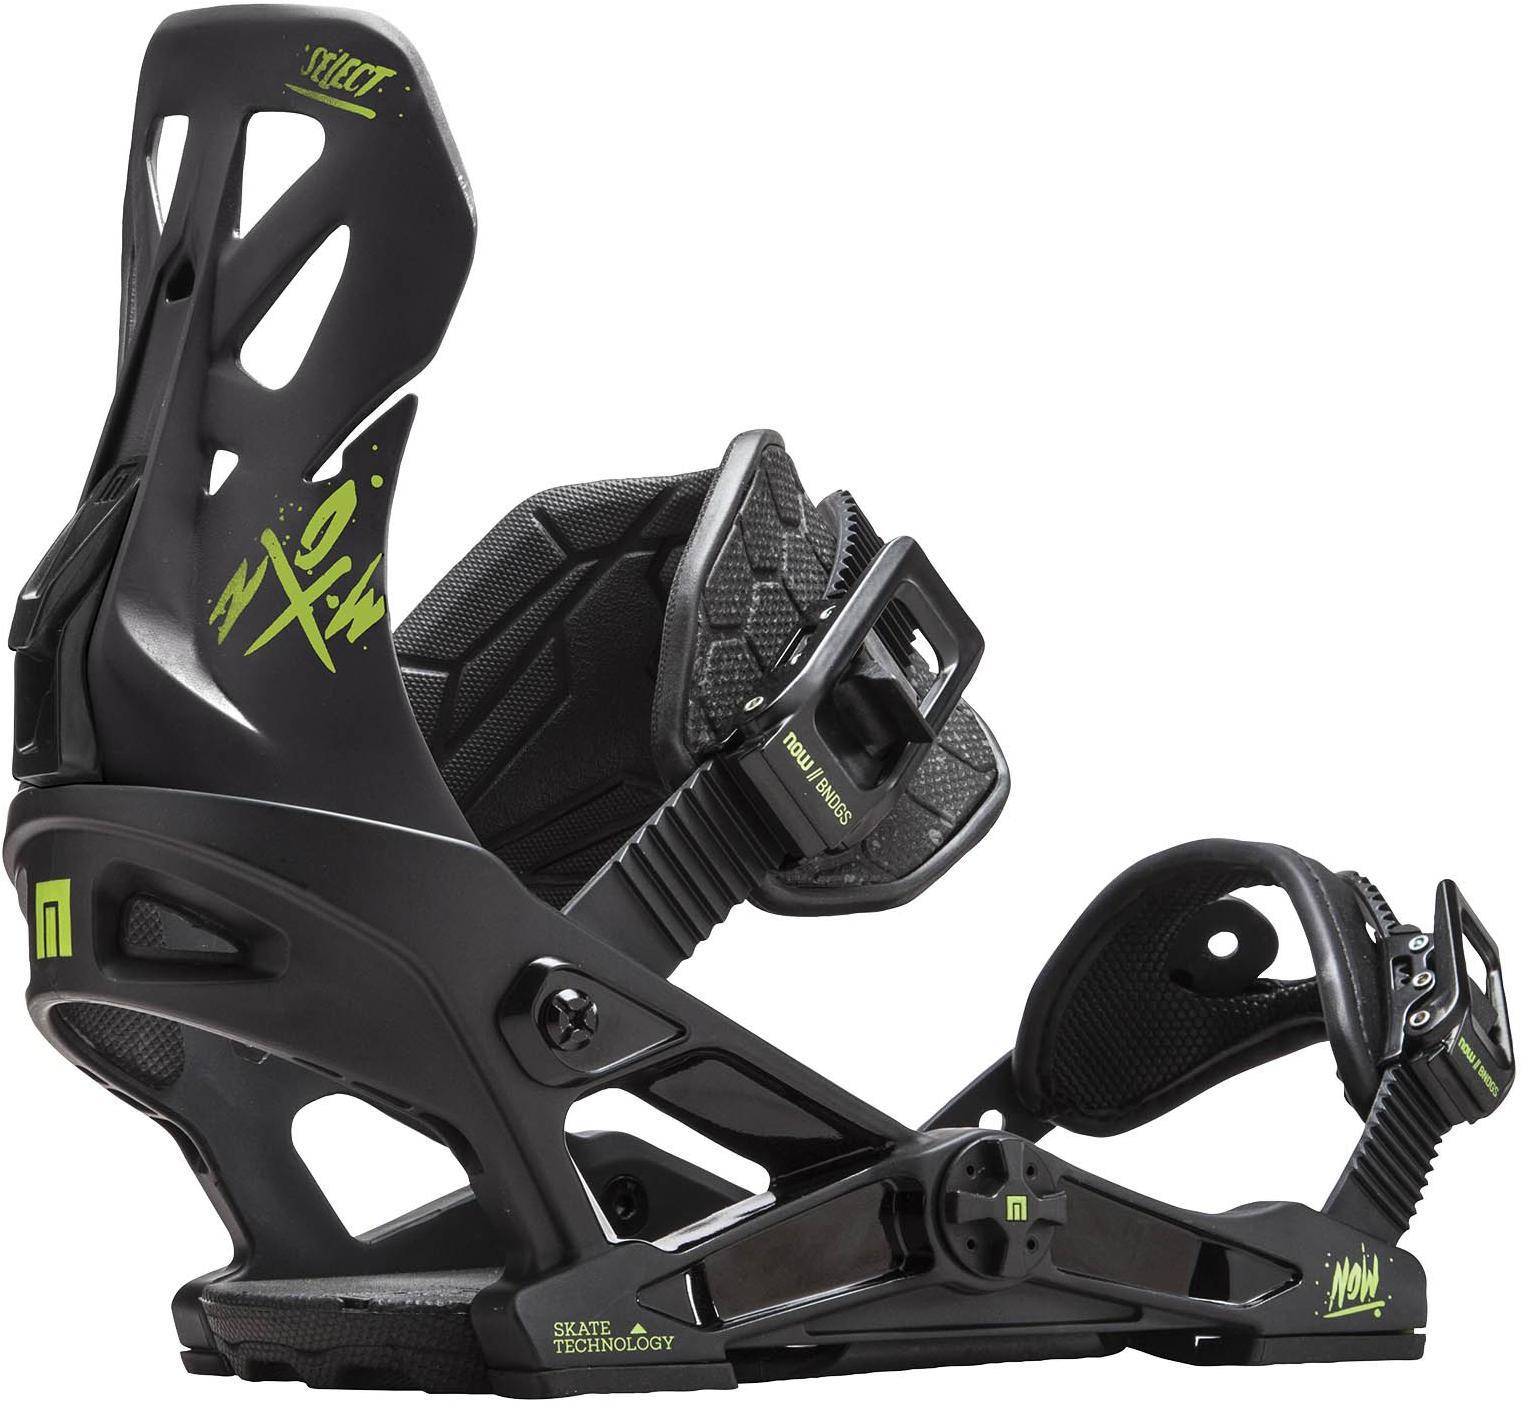 Крепления для сноуборда NOW Select, 7640178032965, черный, размер M